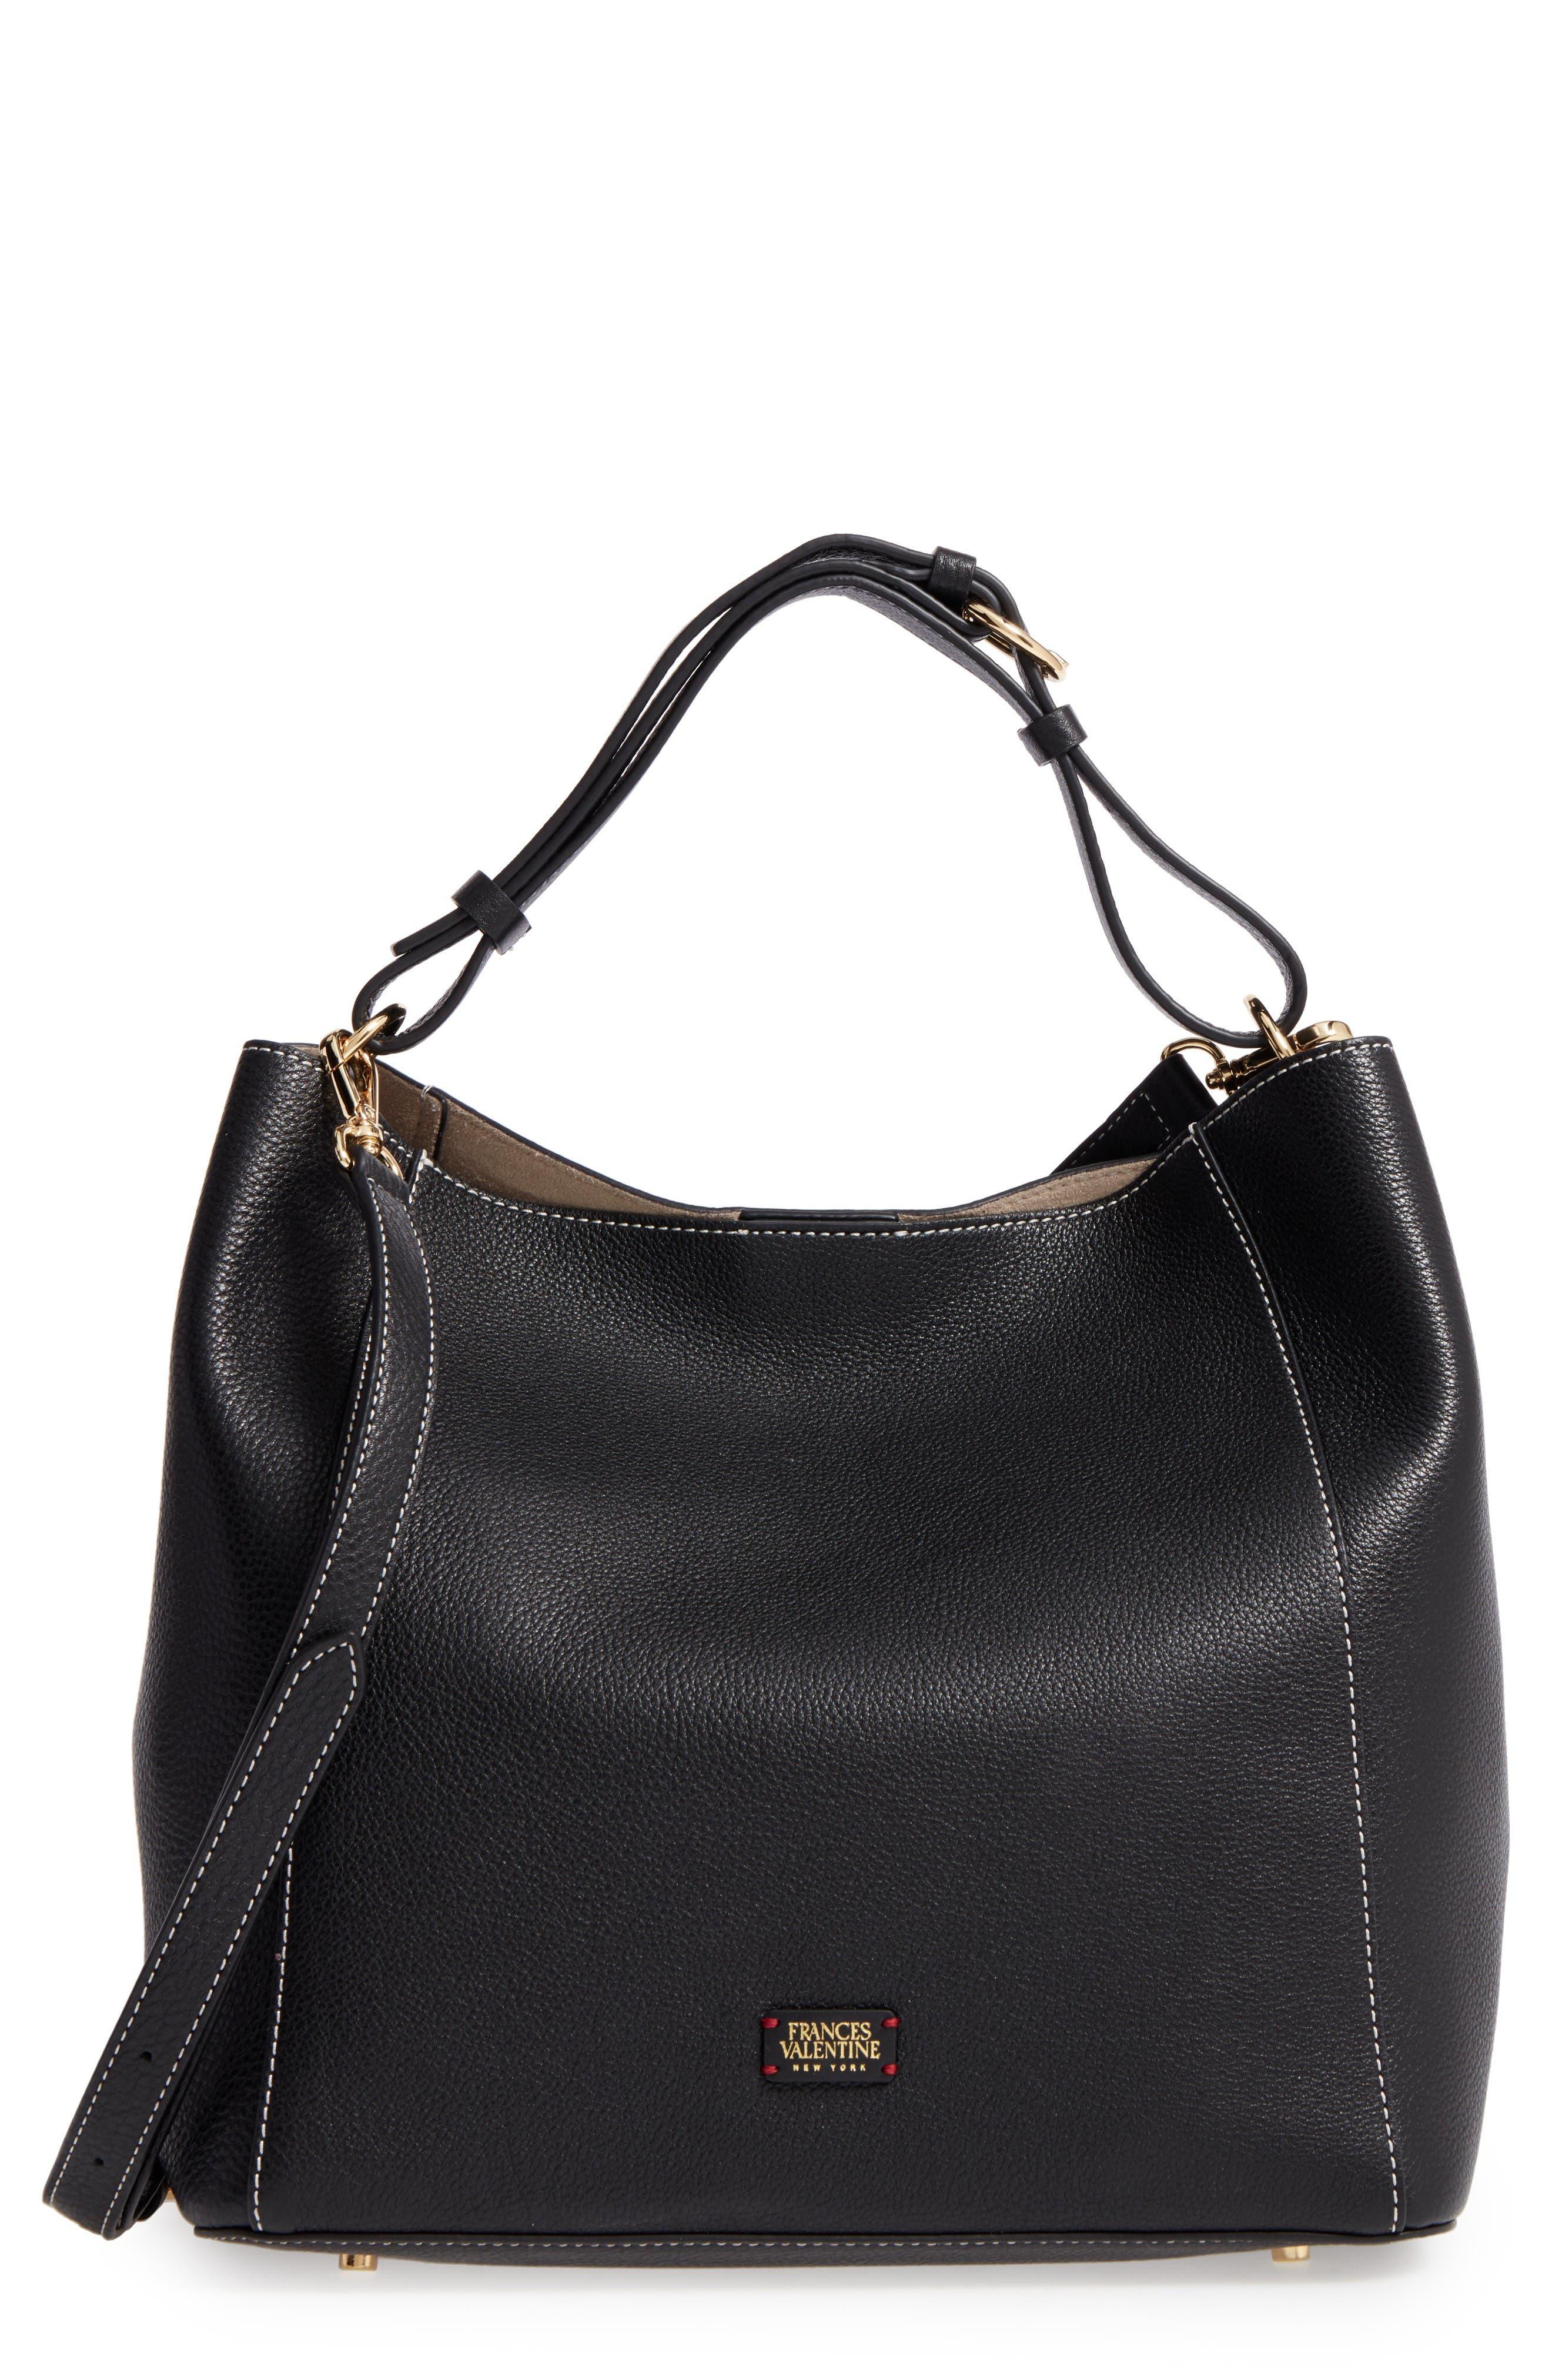 Frances Valentine Medium June Leather Hobo Bag